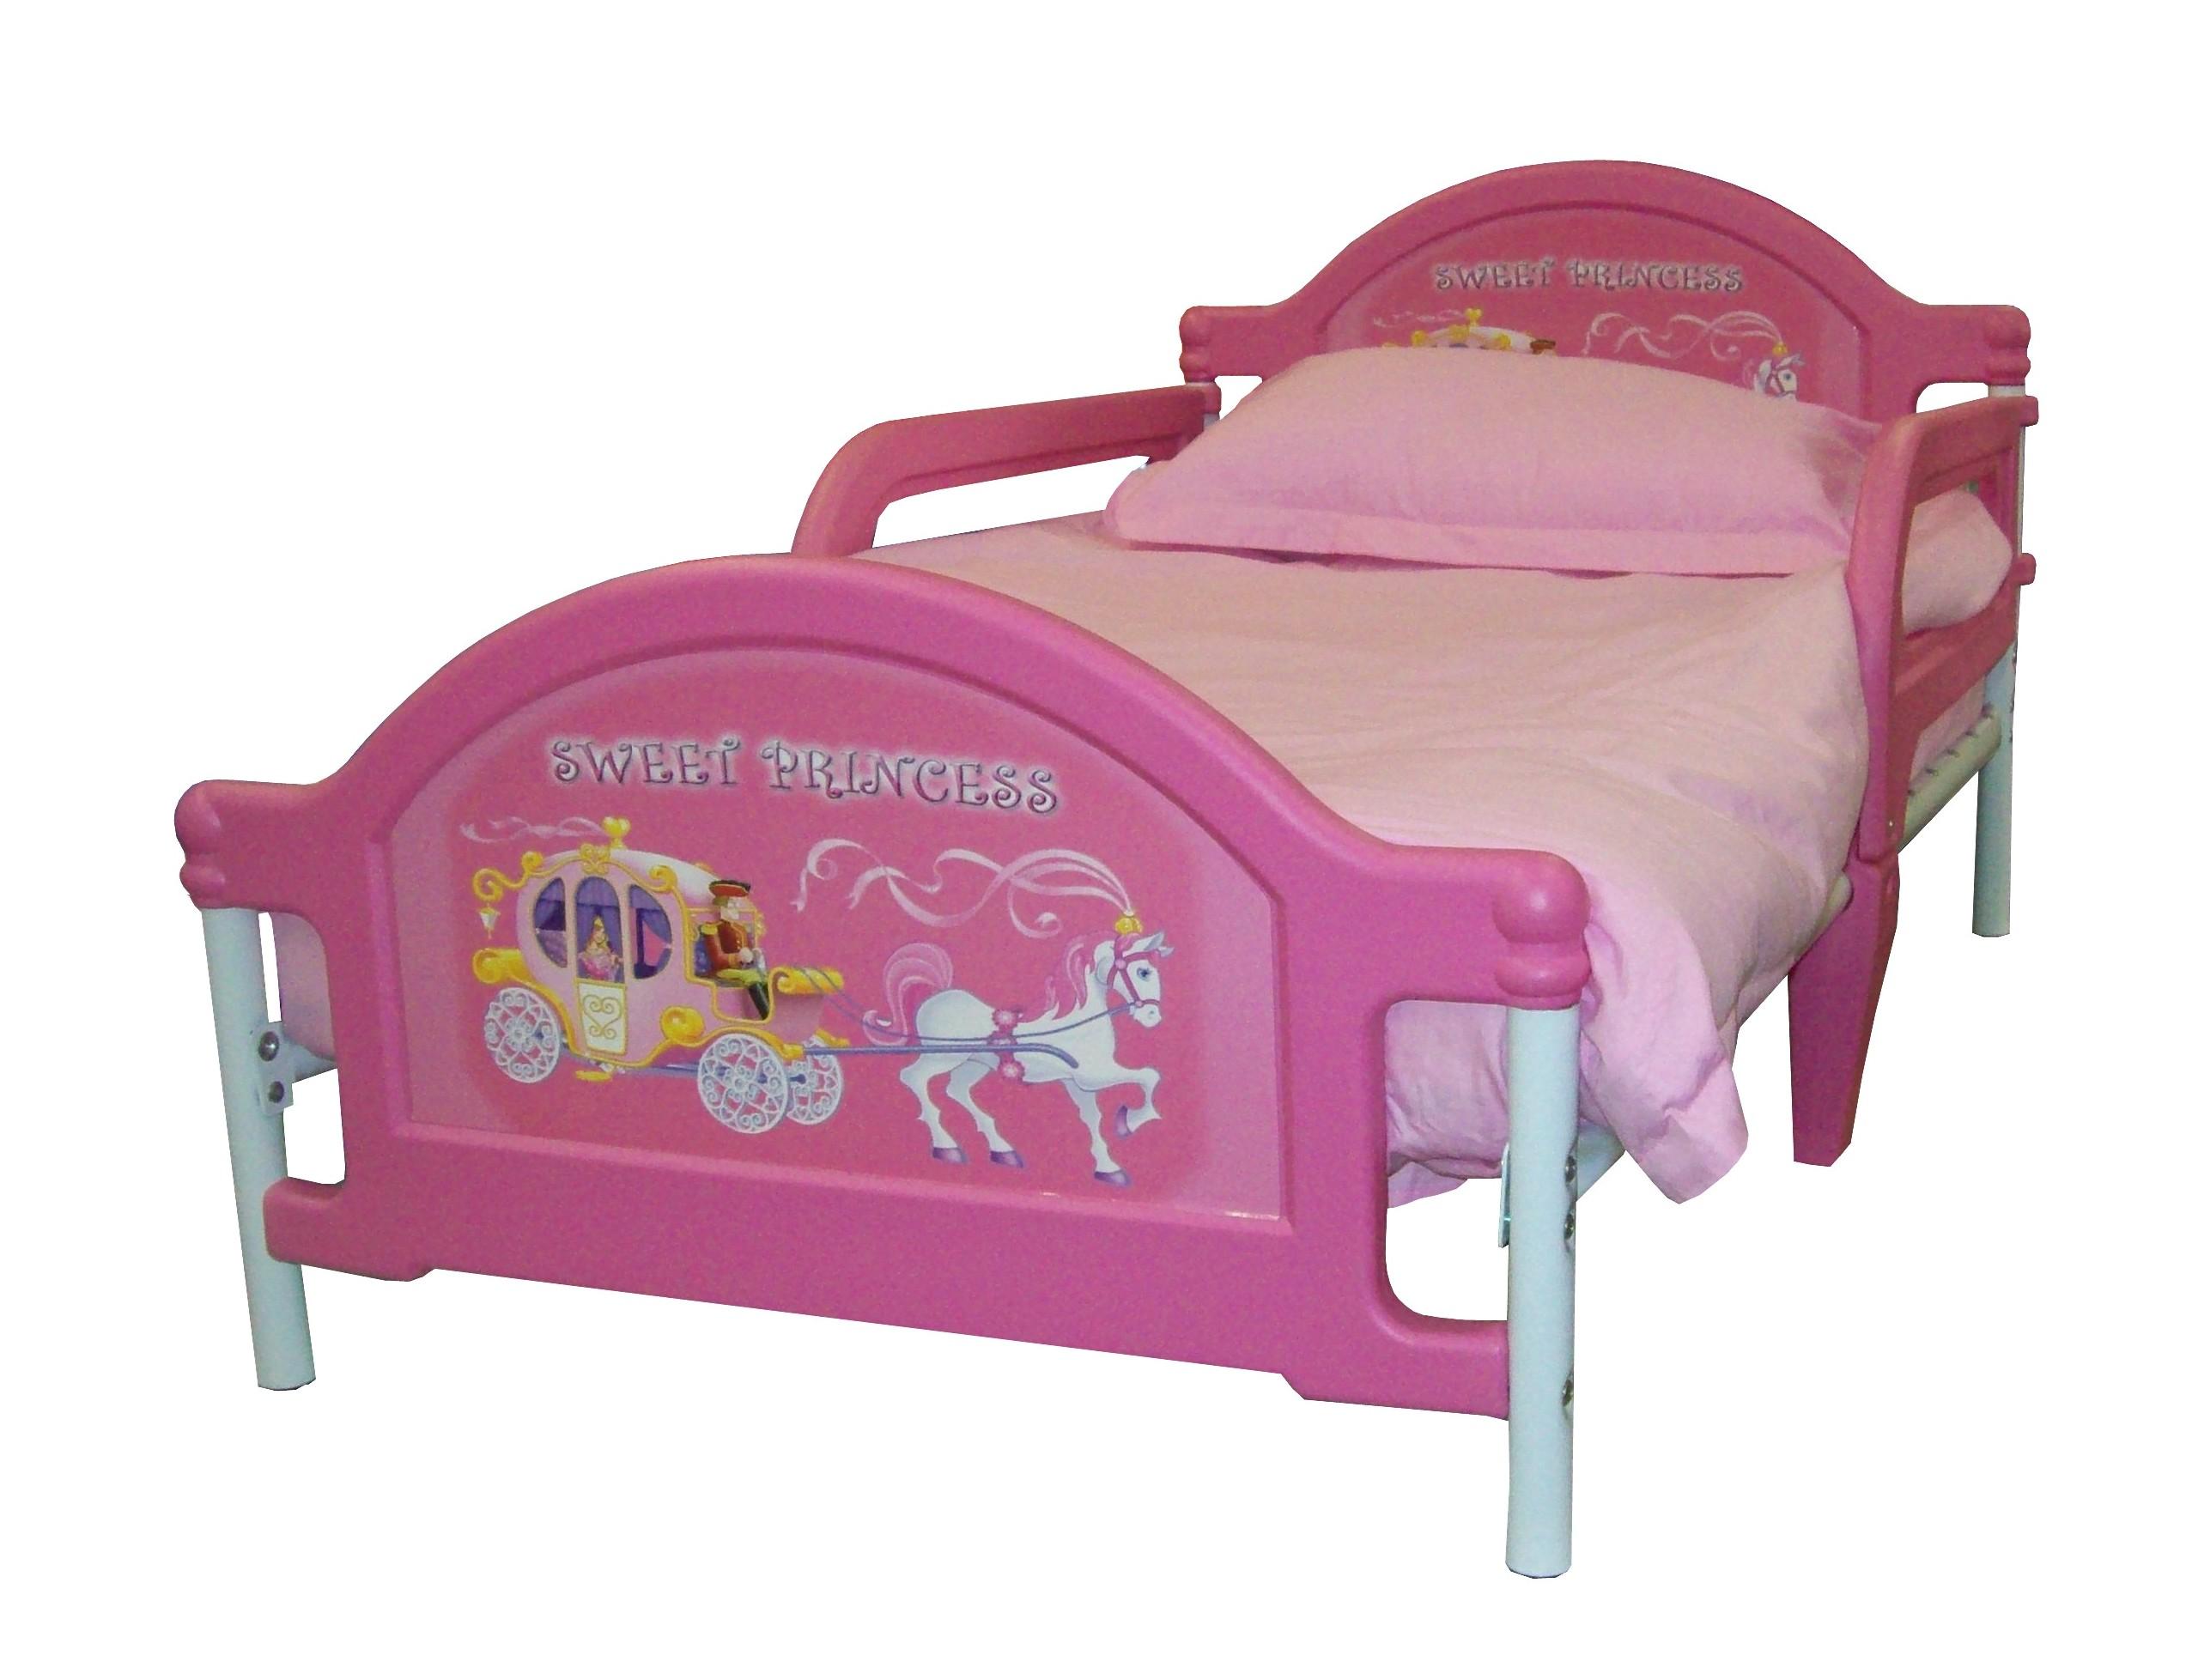 Детская кровать Джуниор Sweet Princess - Кровать Принцесса, в комплекте с постелью, 135х75 см